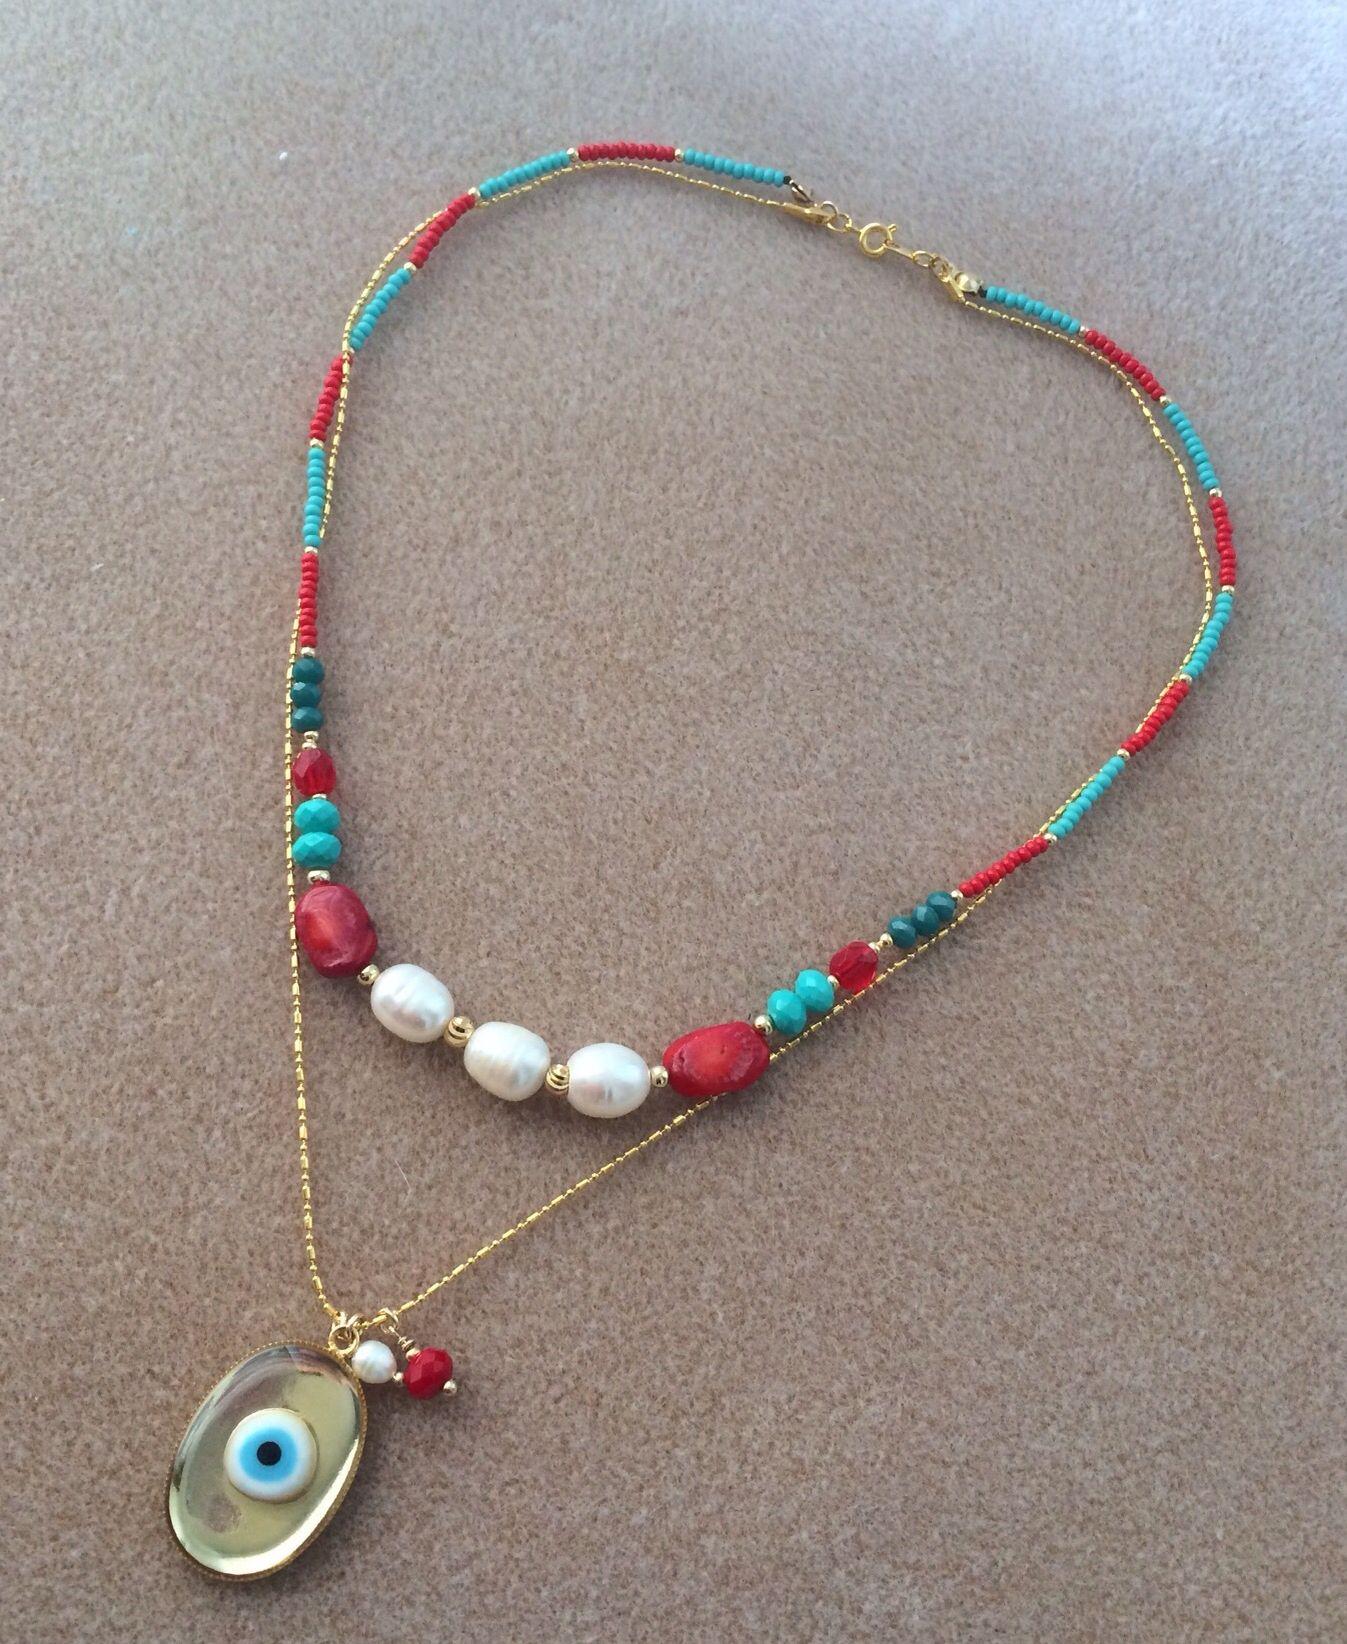 11f1c1edfaad Collar ojo turco resina con perlas y coral. Como Hacer Collares